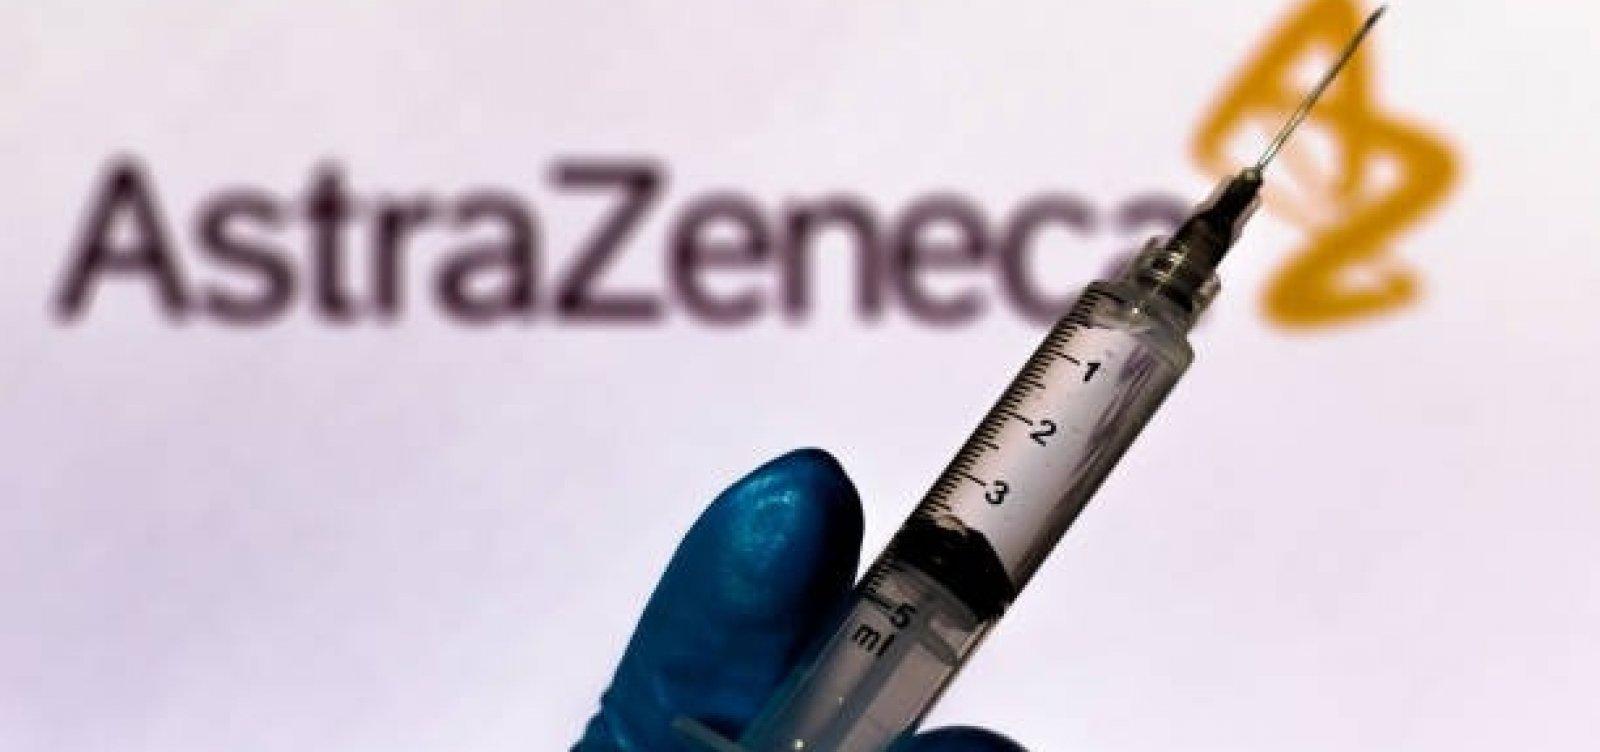 Covax apoia vacina da AstraZeneca e leva imunização contra a Covid-19 para mais de 100 países